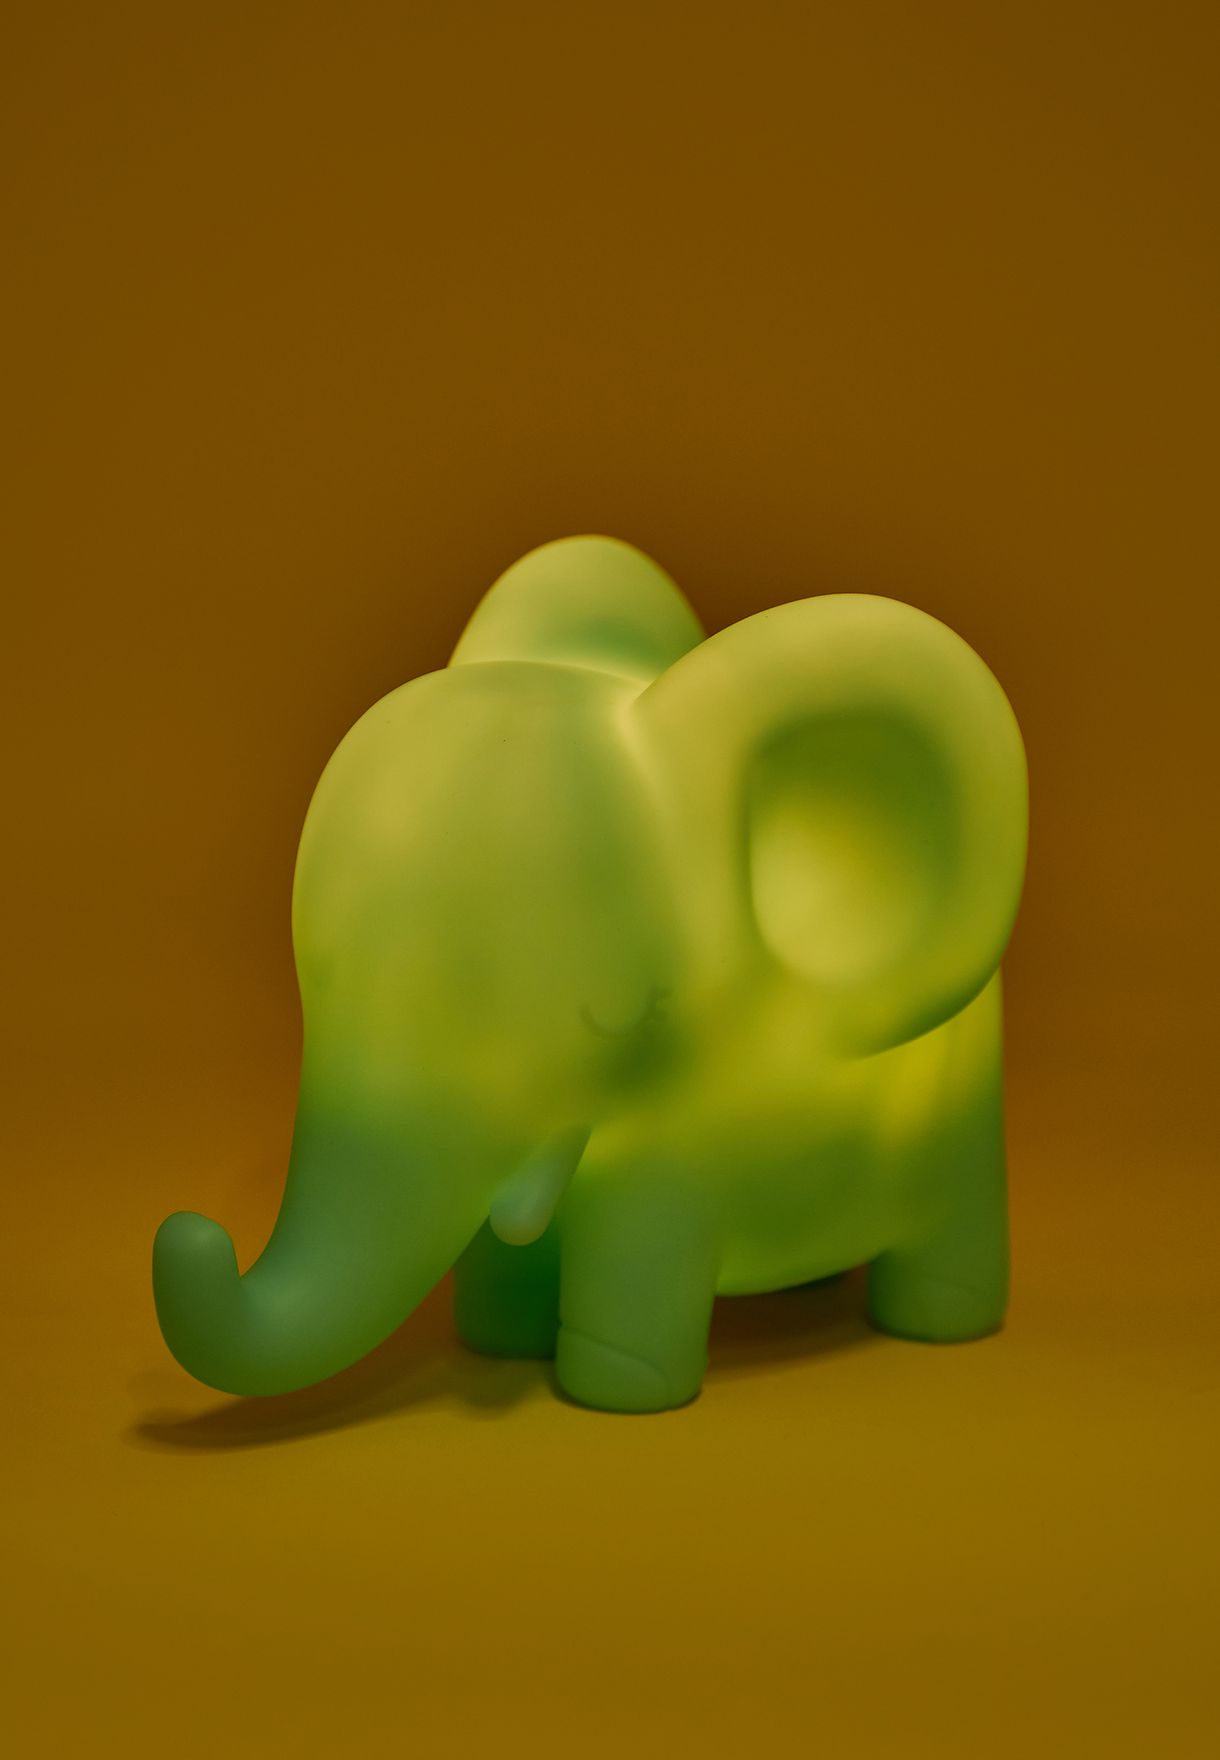 اضاءة بشكل فيل